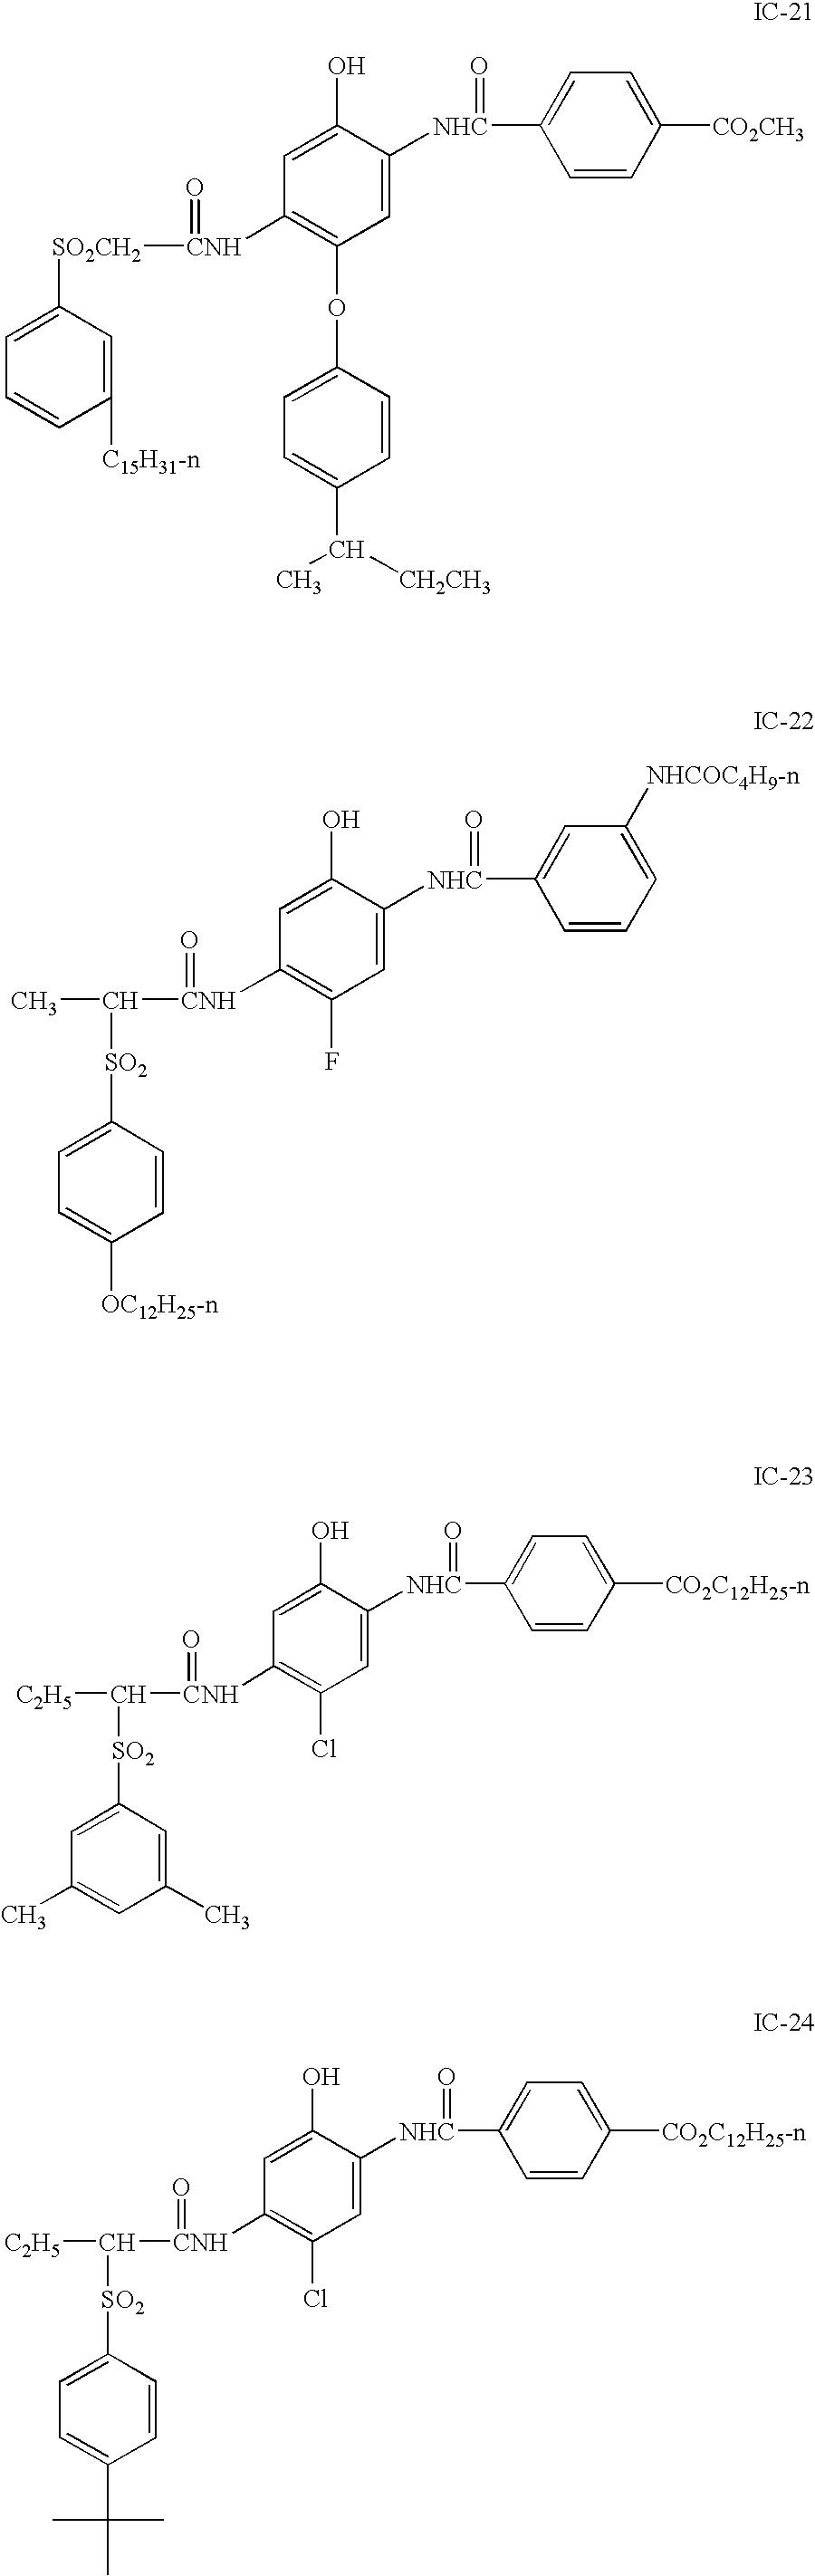 Figure US07153620-20061226-C00011